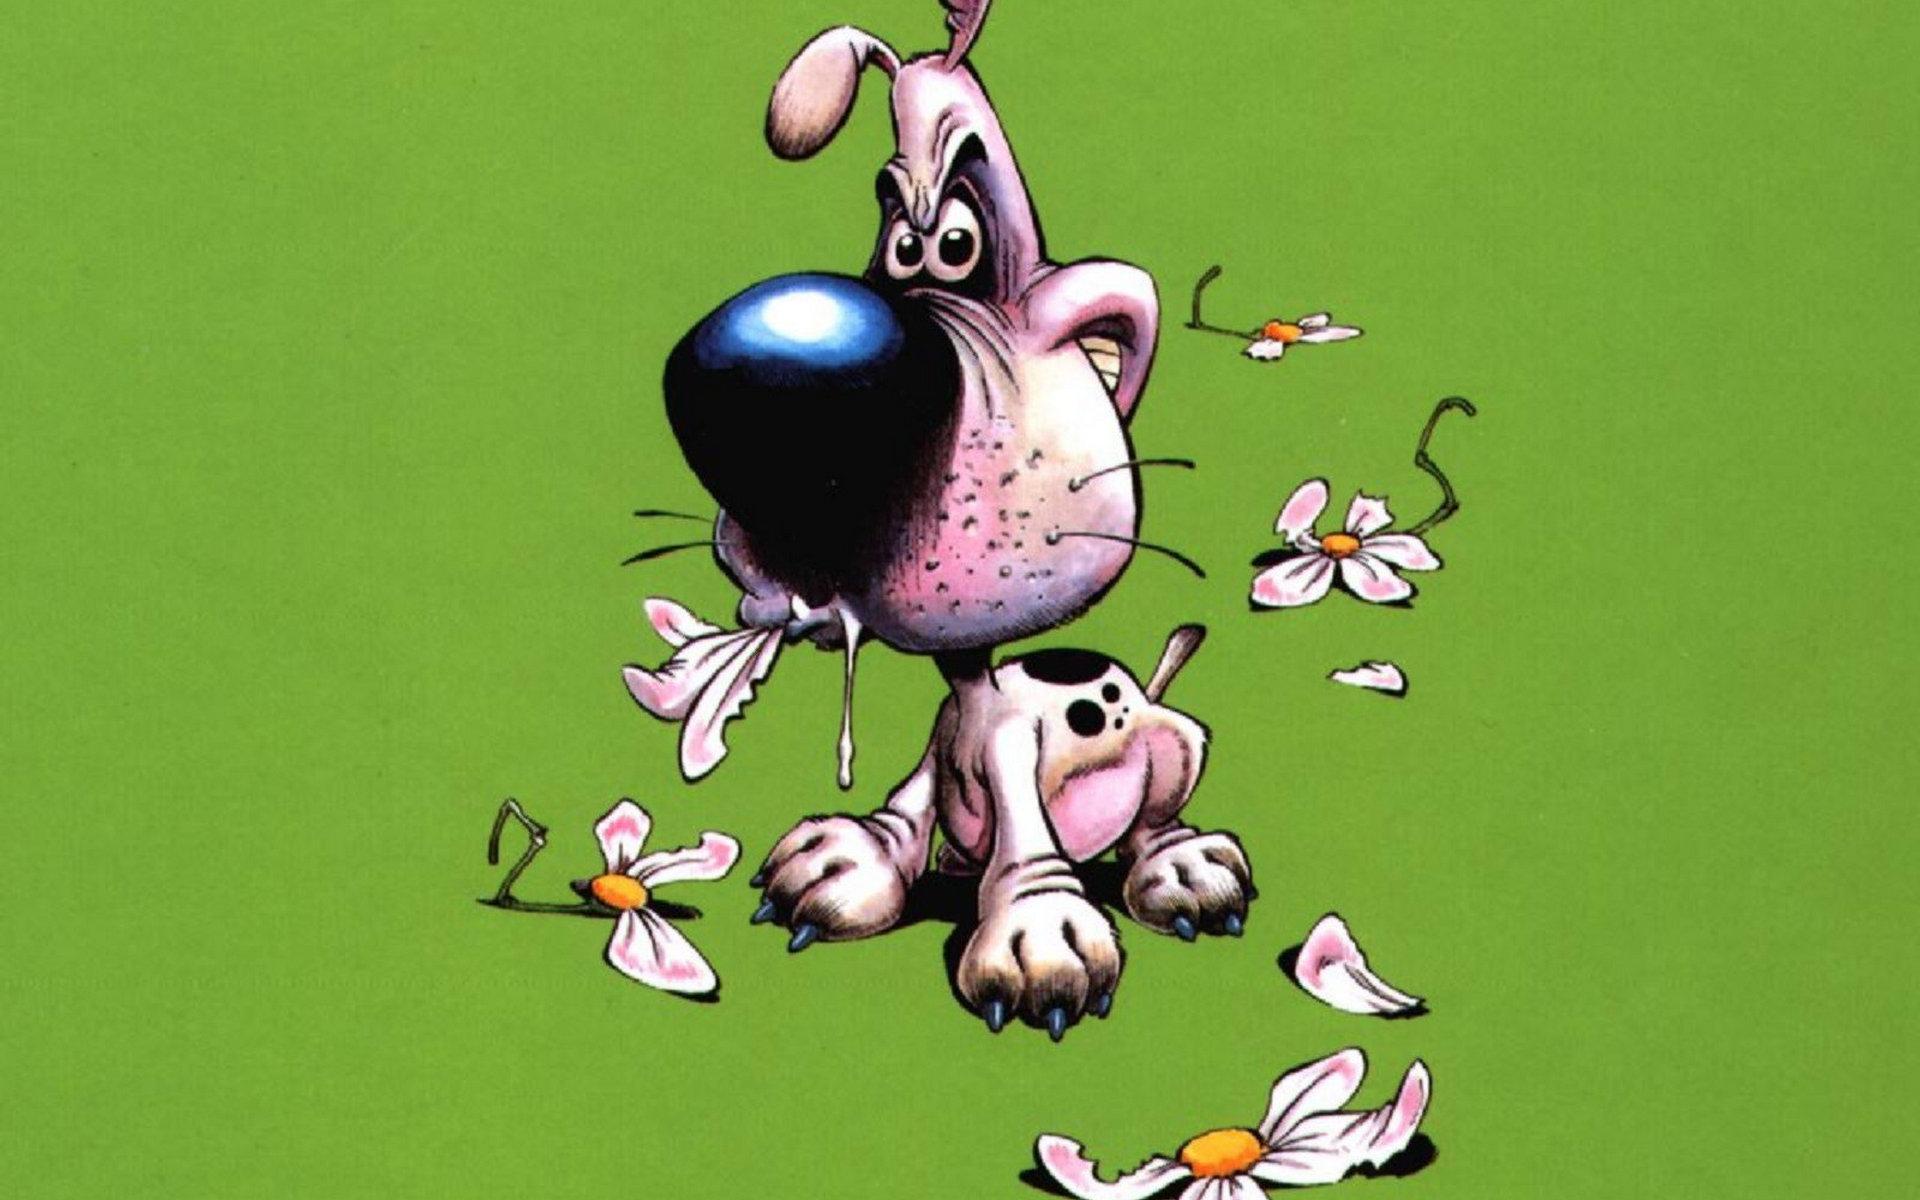 Картинки нарисованные забавные животные